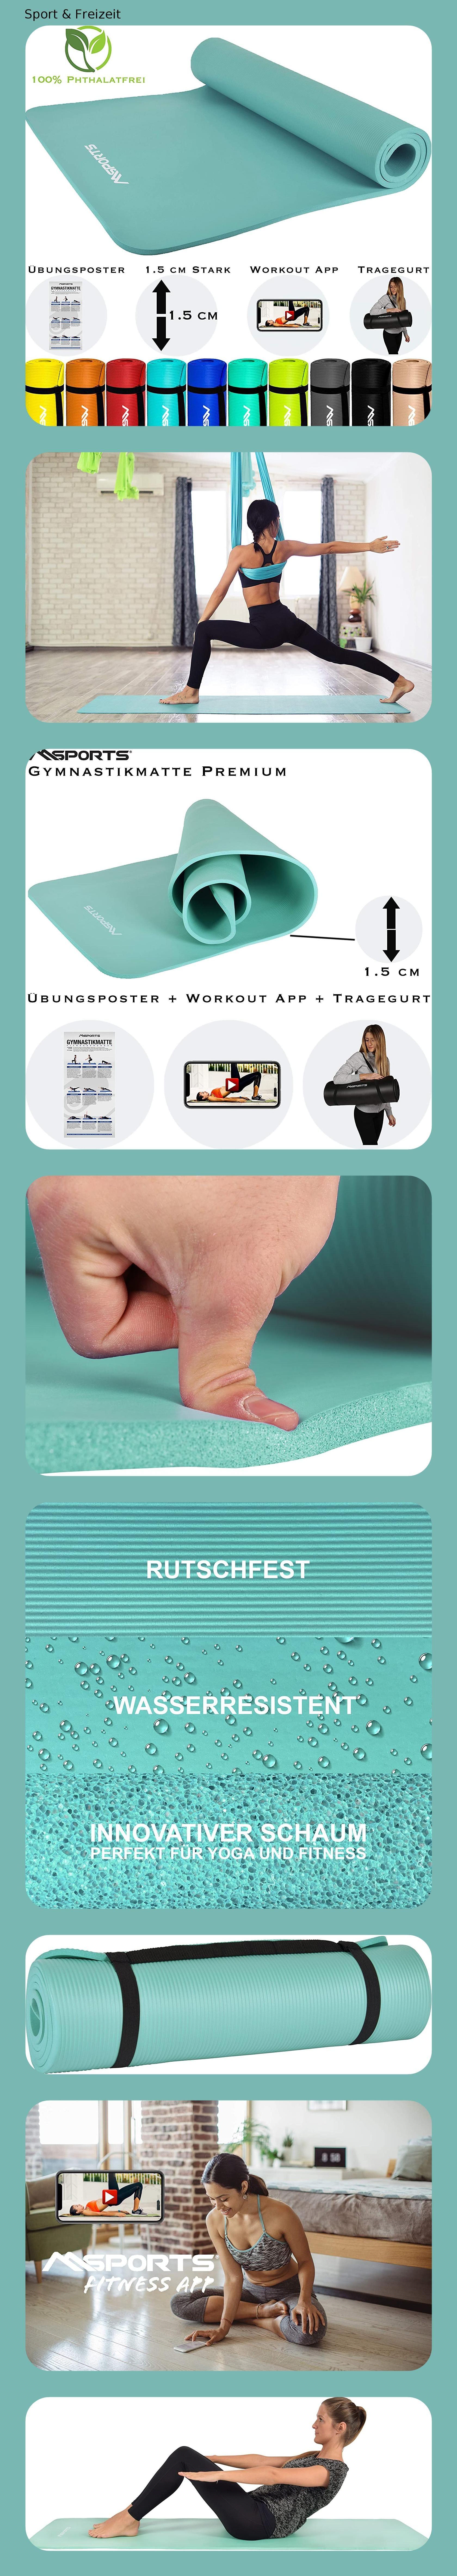 /Übungsposter Workout App I Hautfreundliche Fitnessmatte 190 x 60 versch MSPORTS Gymnastikmatte Premium inkl Farben Phthalatfreie Yogamatte 80 oder 100 x 1,5 cm Tragegurt